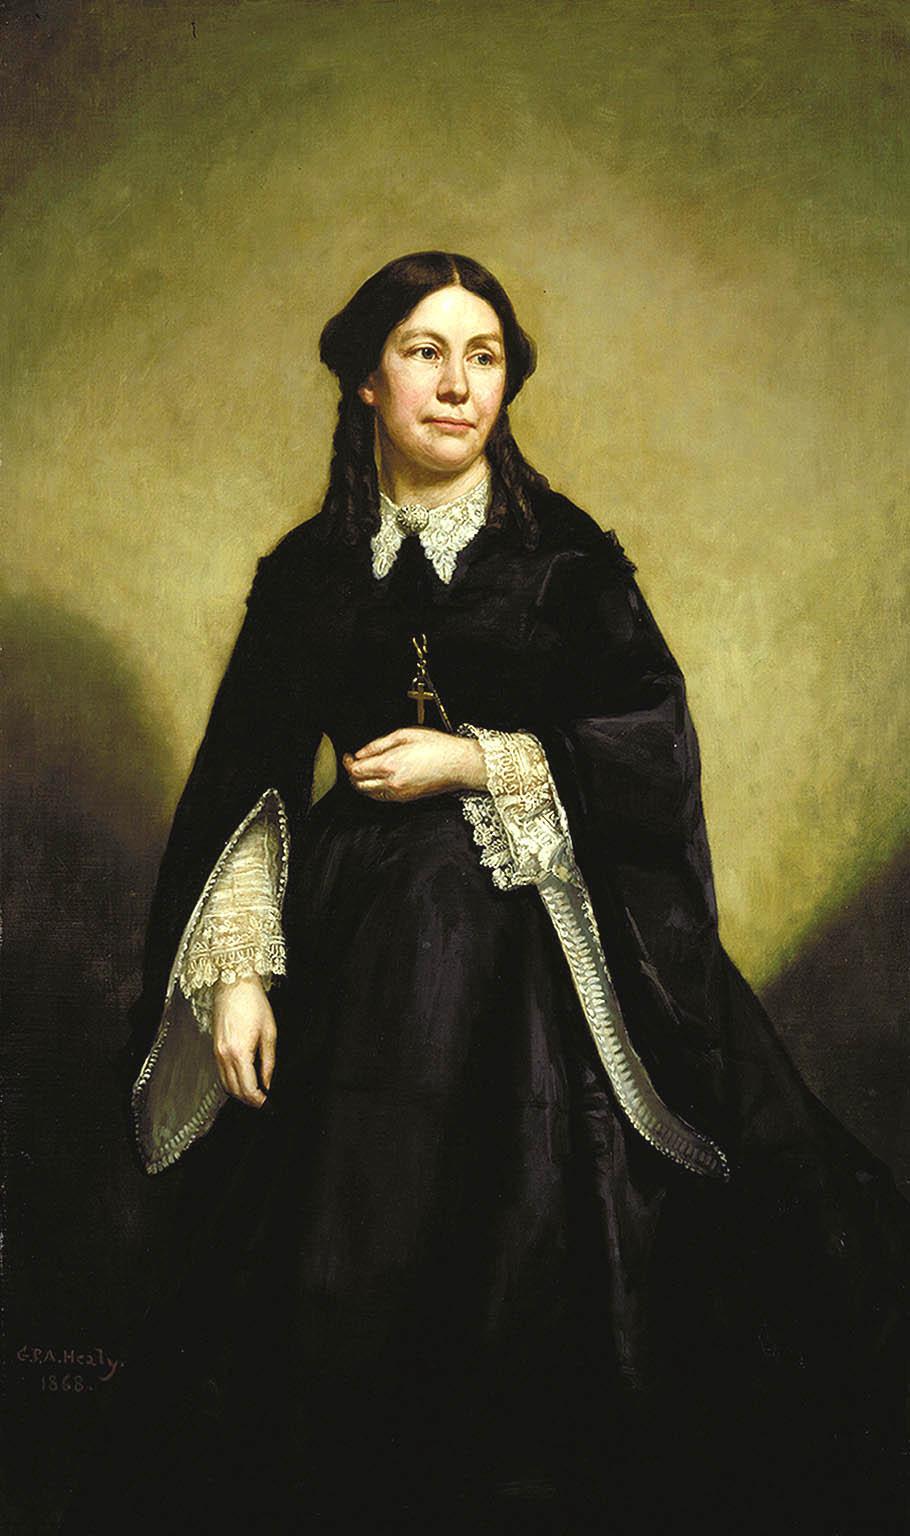 Mrs. William Tecumseh Sherman by George Peter Alexander Healy.